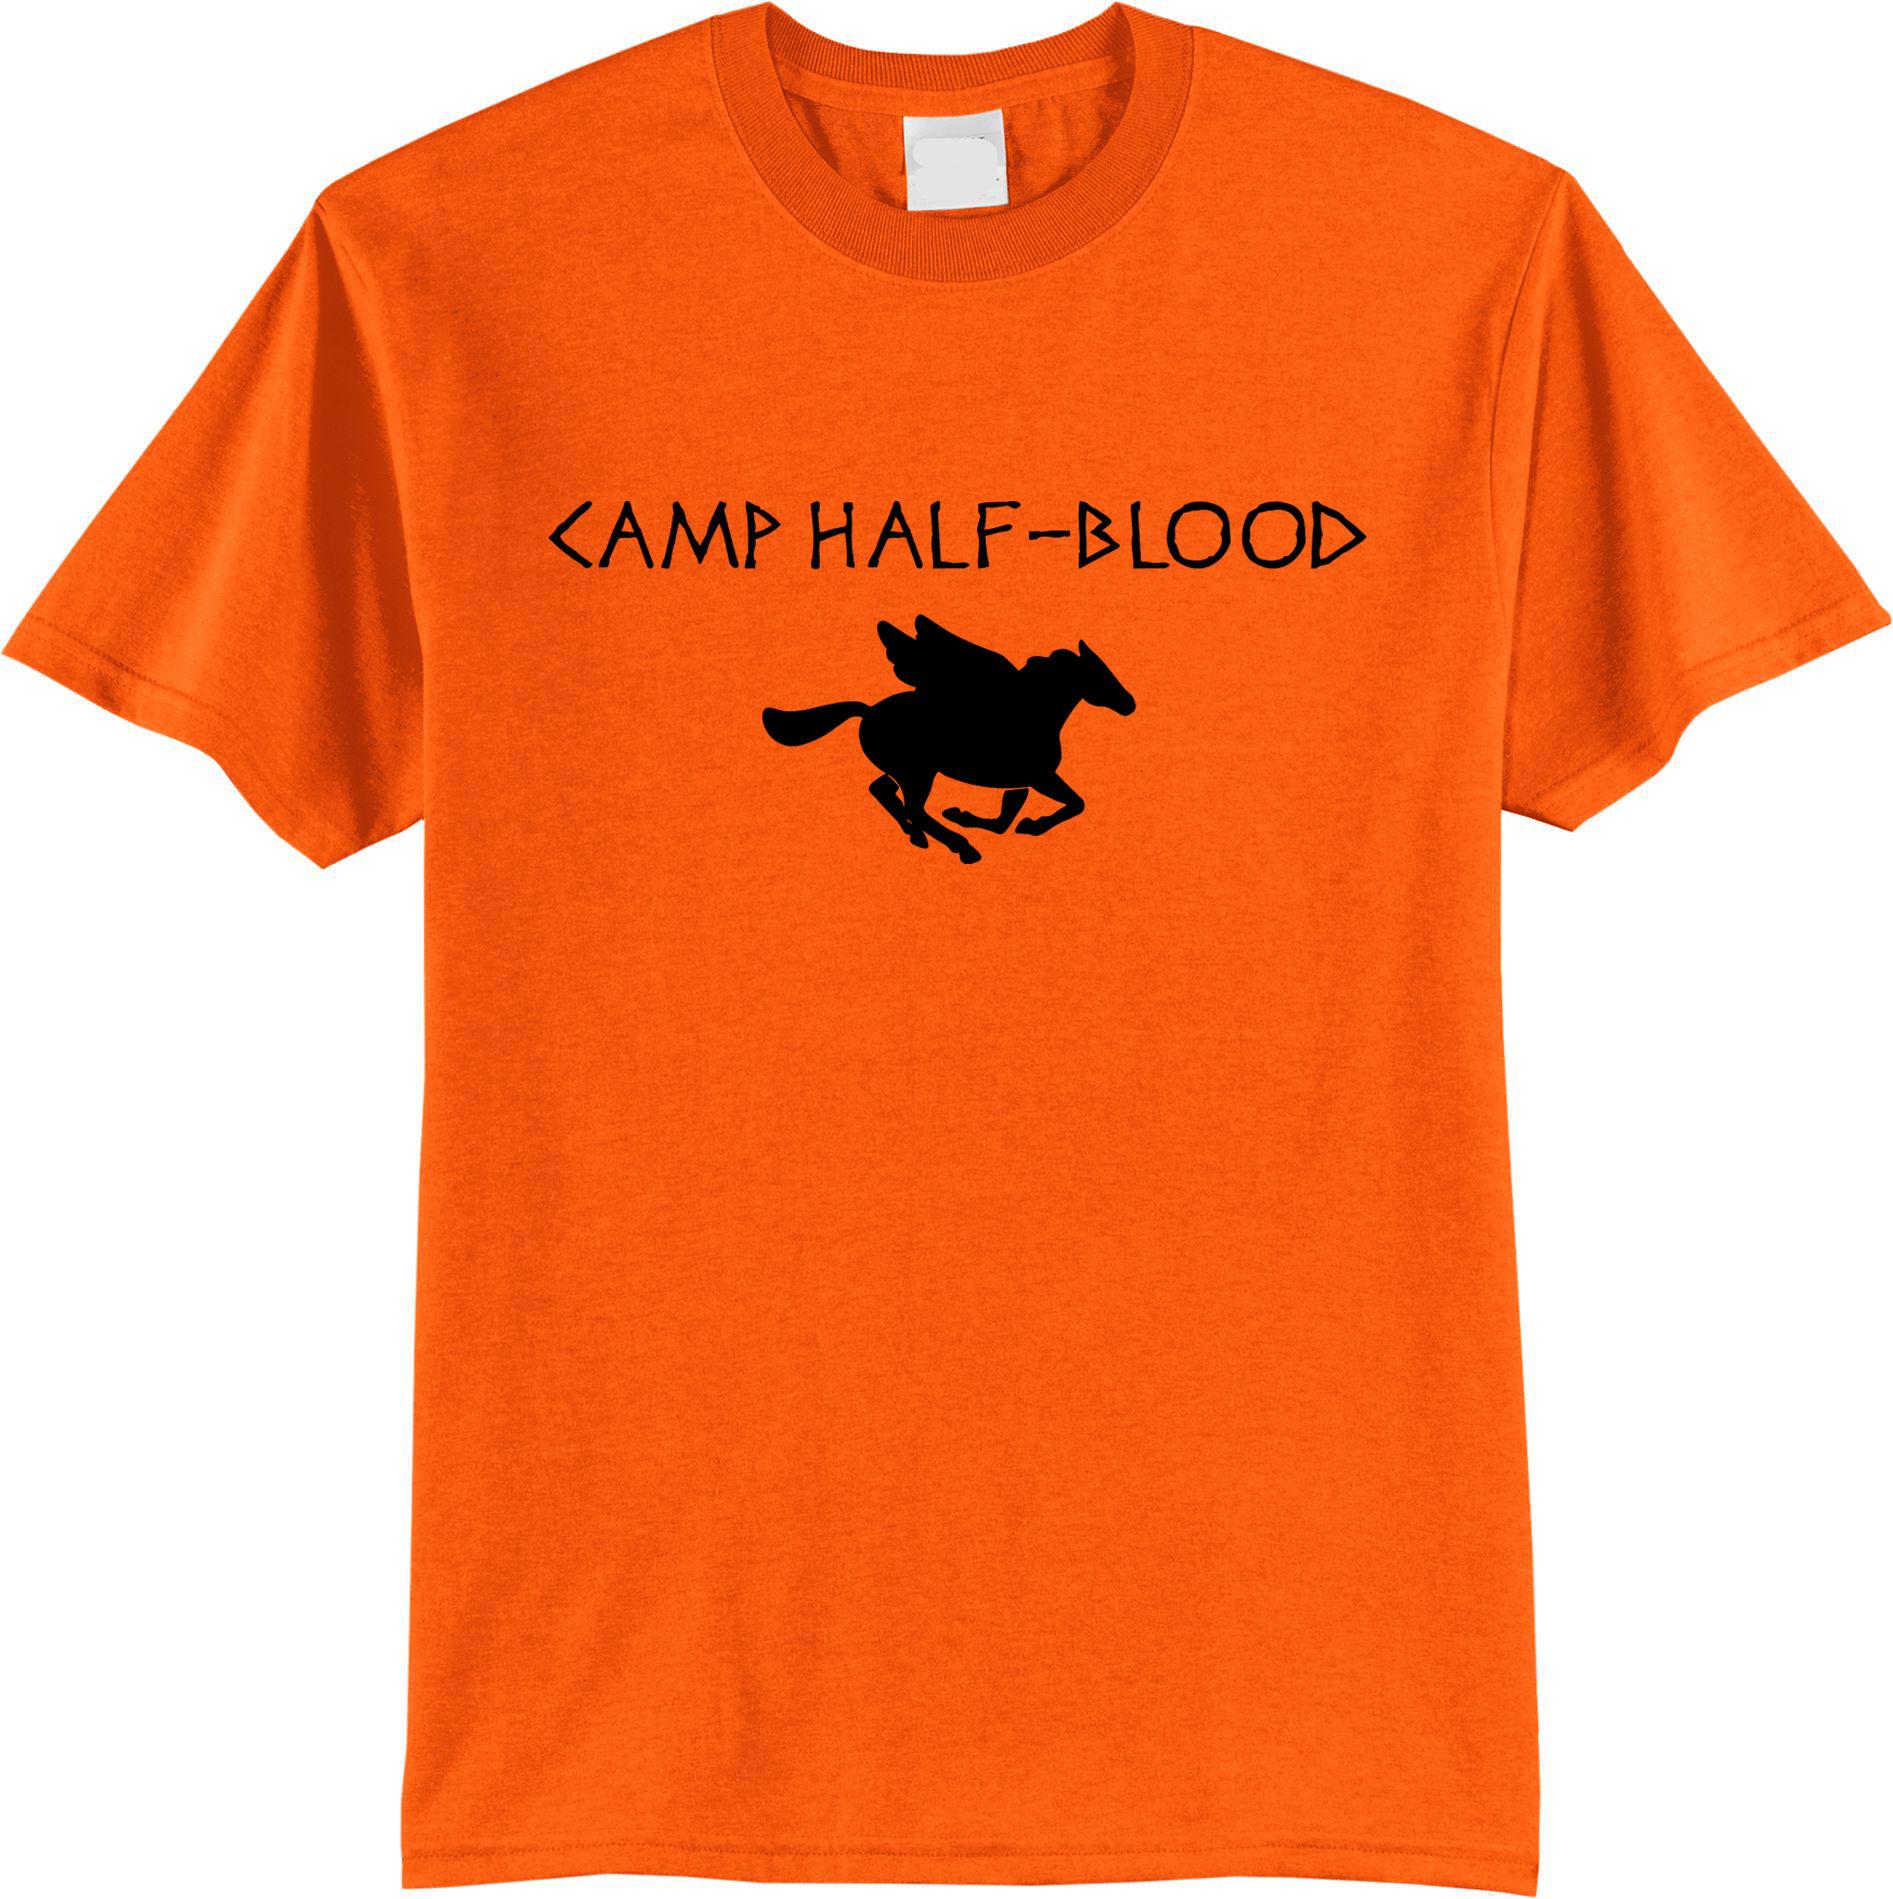 Лагерная футболка с коротким рукавом, футболка, женская модная футболка унисекс